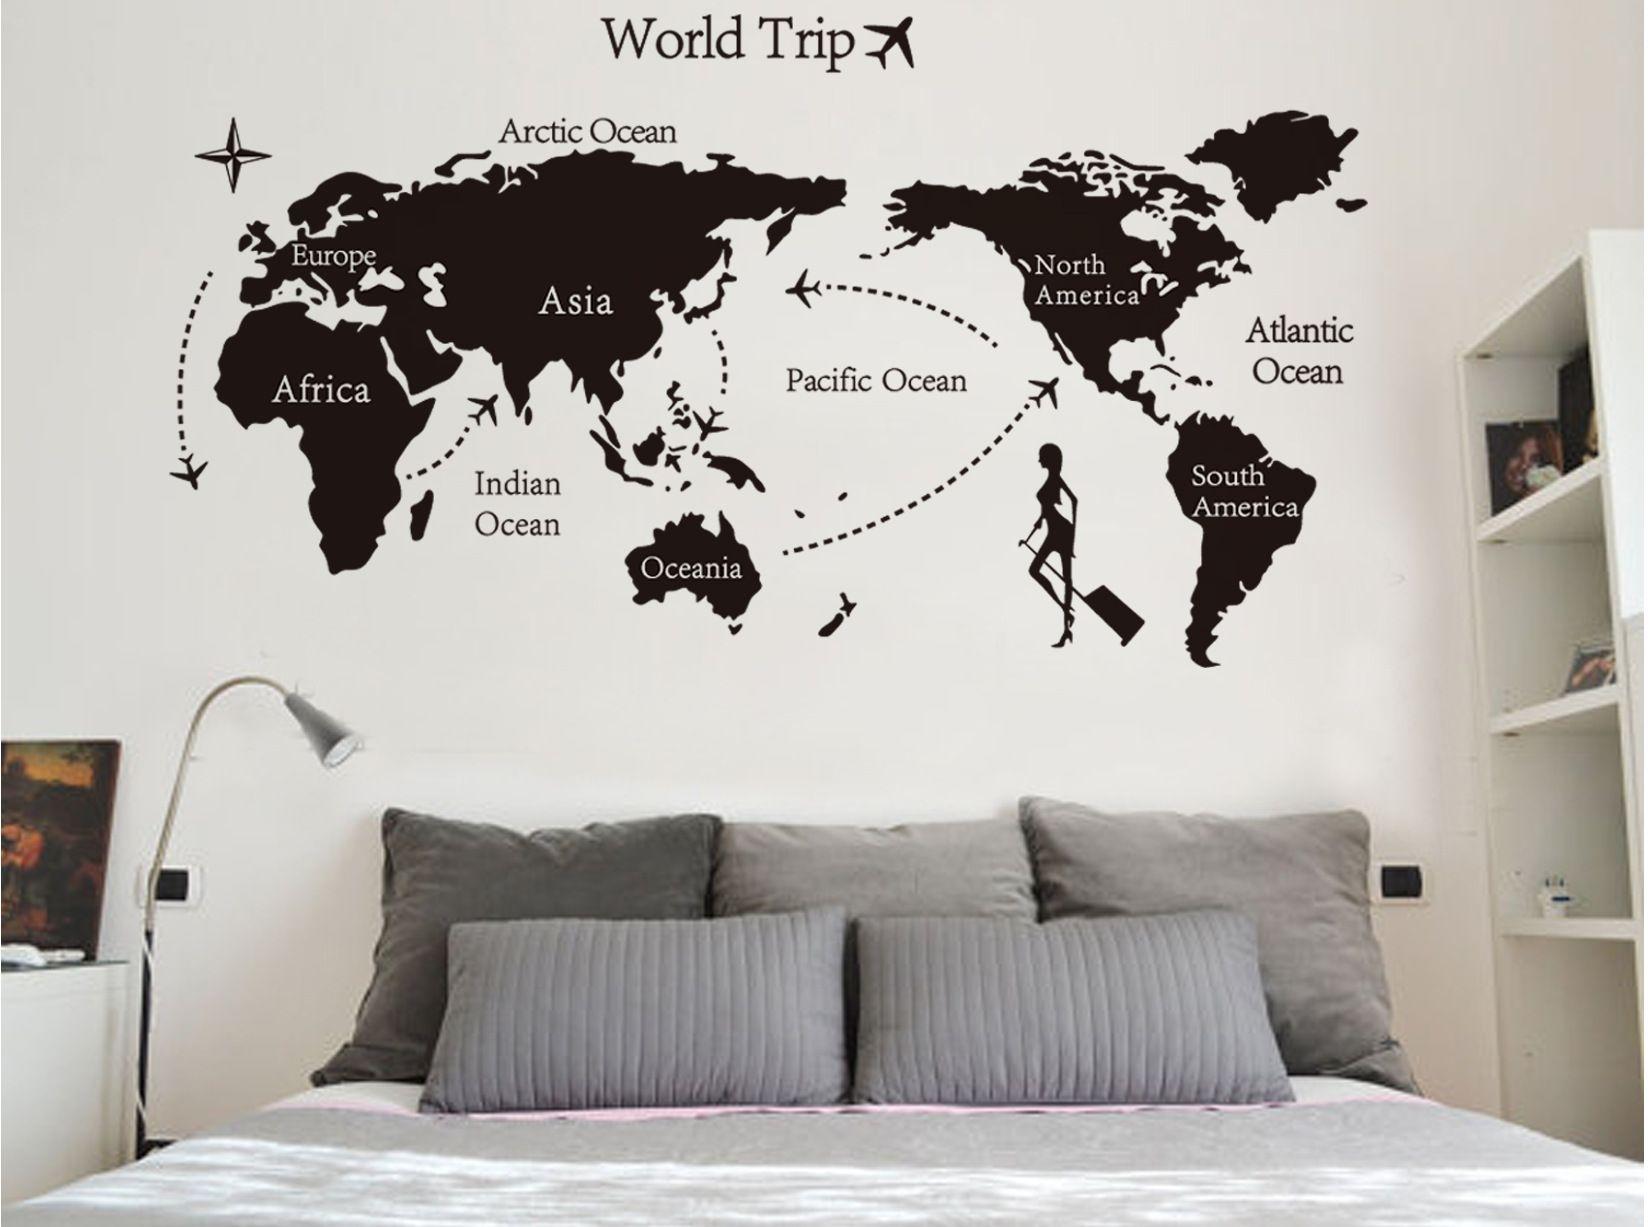 Creative large diy world map wallpaper d wall art home decor wall